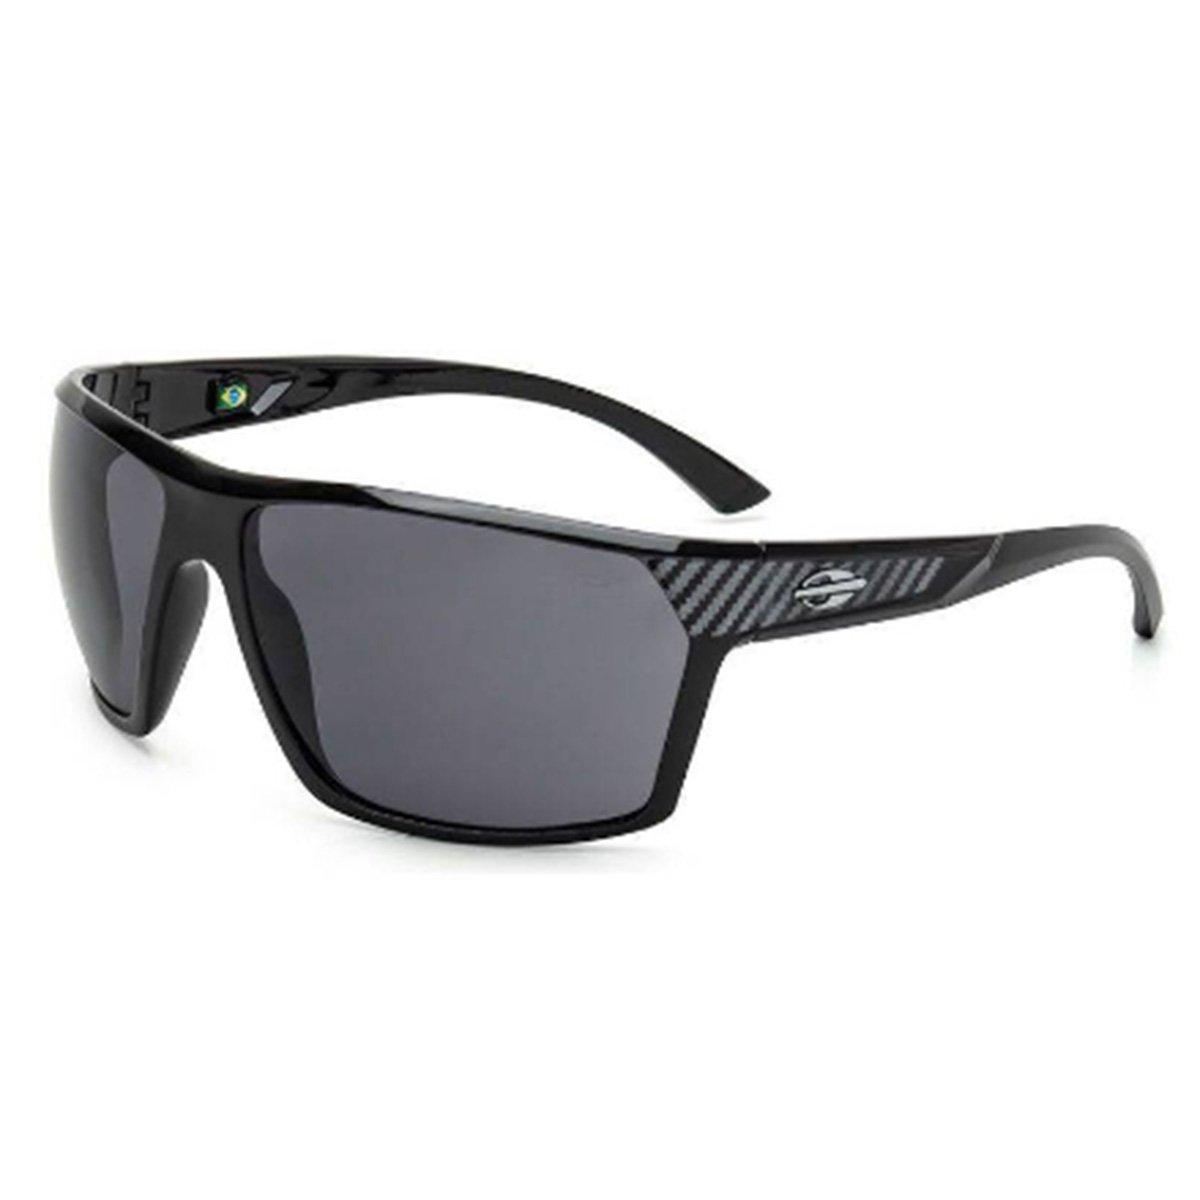 Compre Óculos de Sol Mormaii Storm em 10X   Tri-Jóia Shop aa6ecc84df